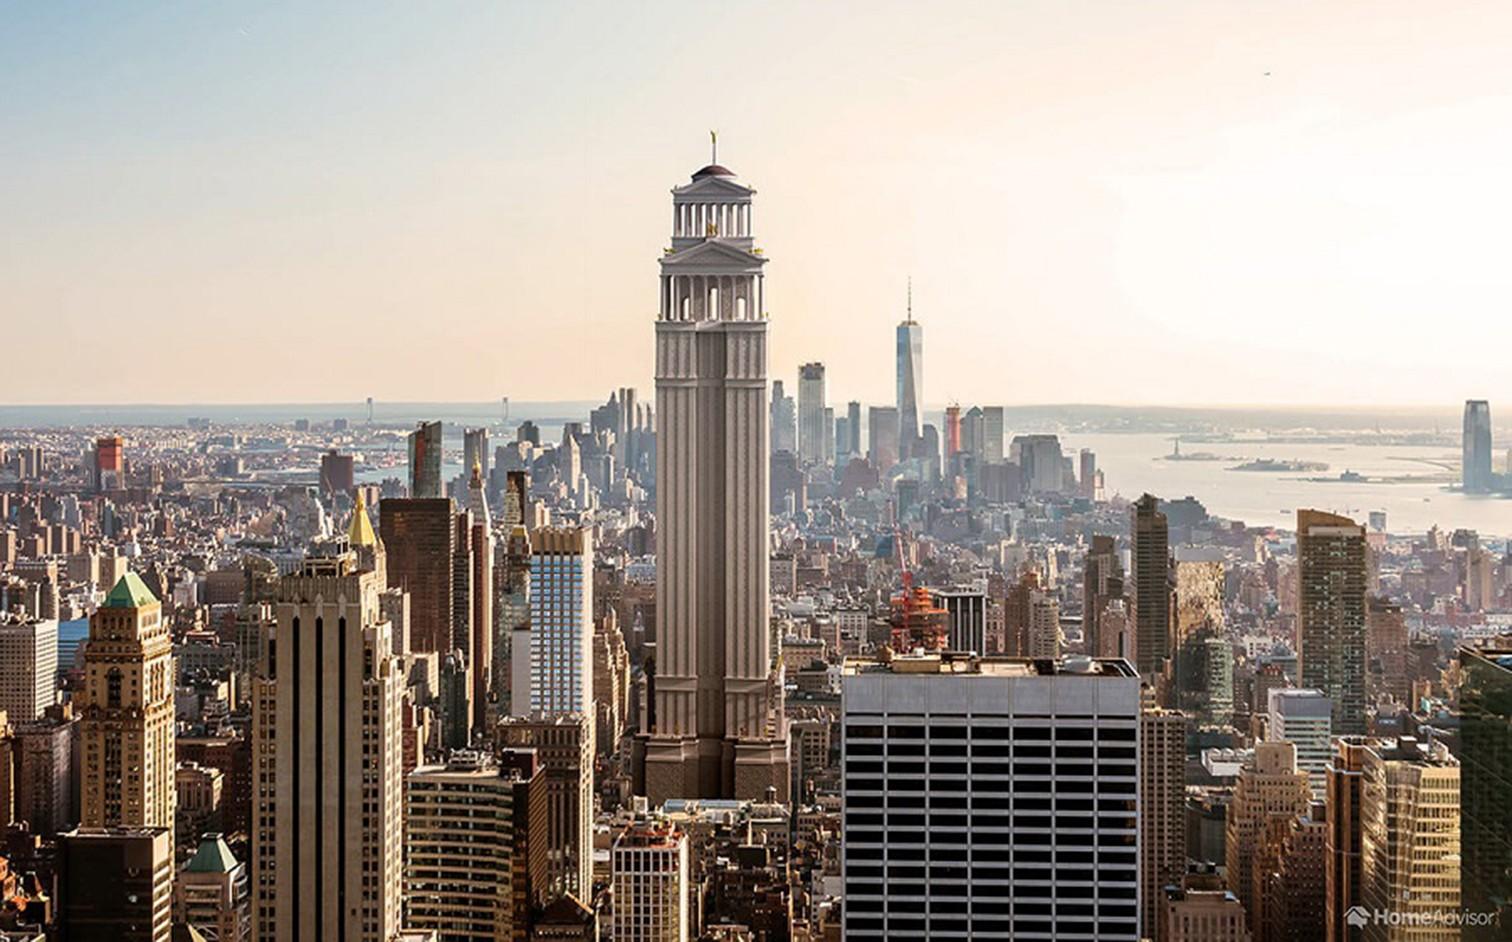 So würde der bekannte Wolkenkratzer mit römischer Architektur aussehen. Die römischen Architektenwaren grosse Innovatoren und entwickelten gar neue Bautechniken. So warensie zum Beispiel die erste Zivilisation, die ihre Strukturen unterstützte. Davon ze